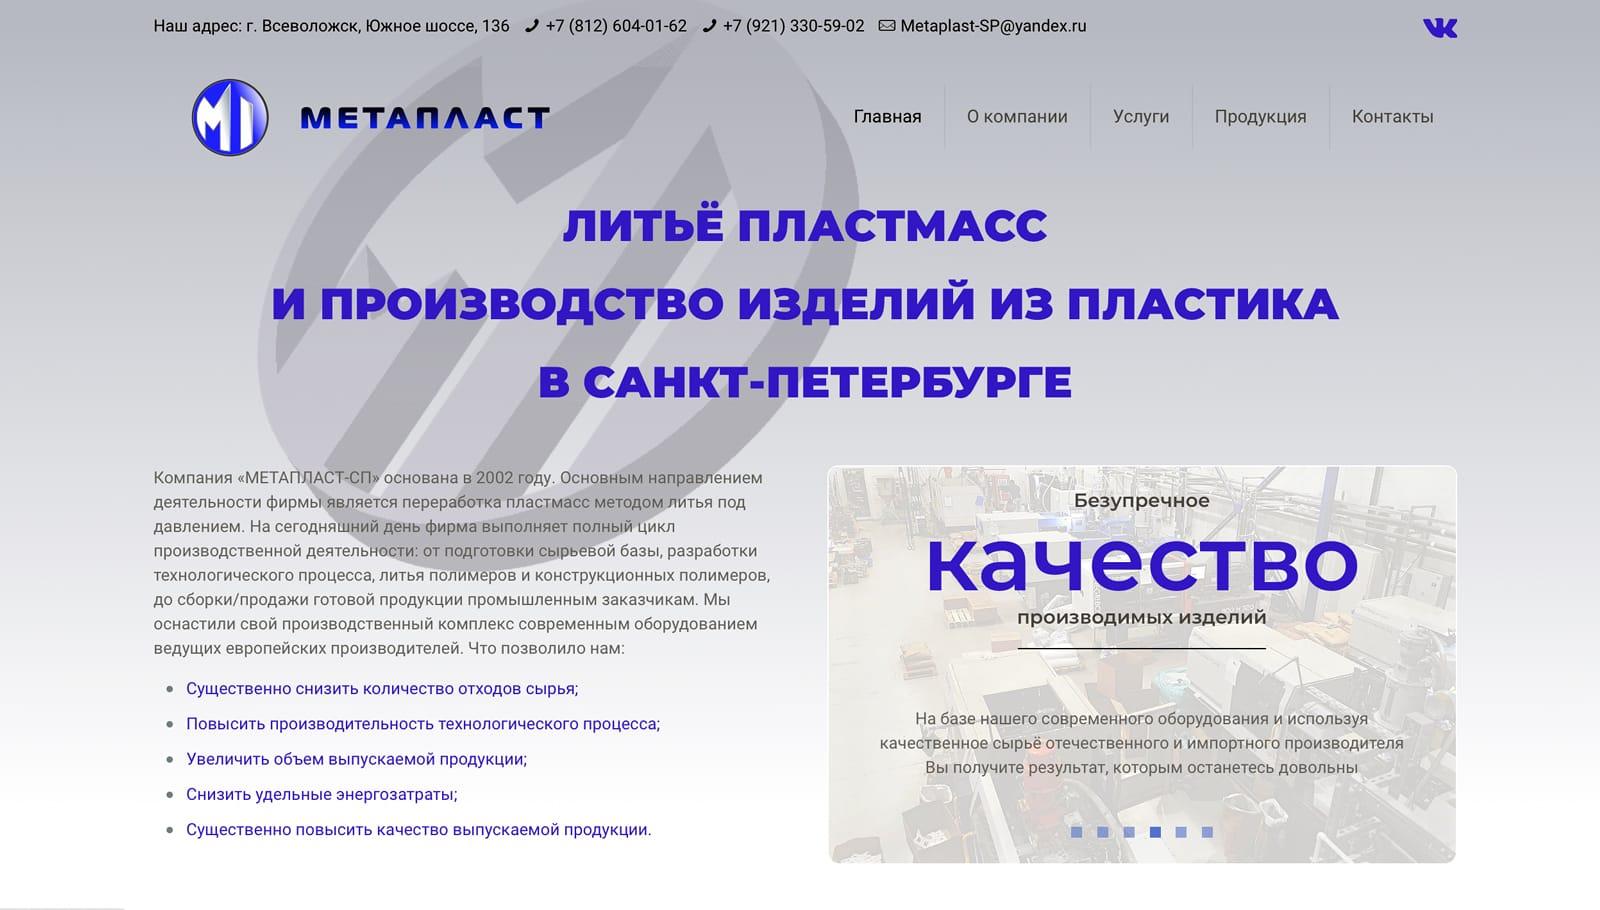 новый сайт компании Метапласт